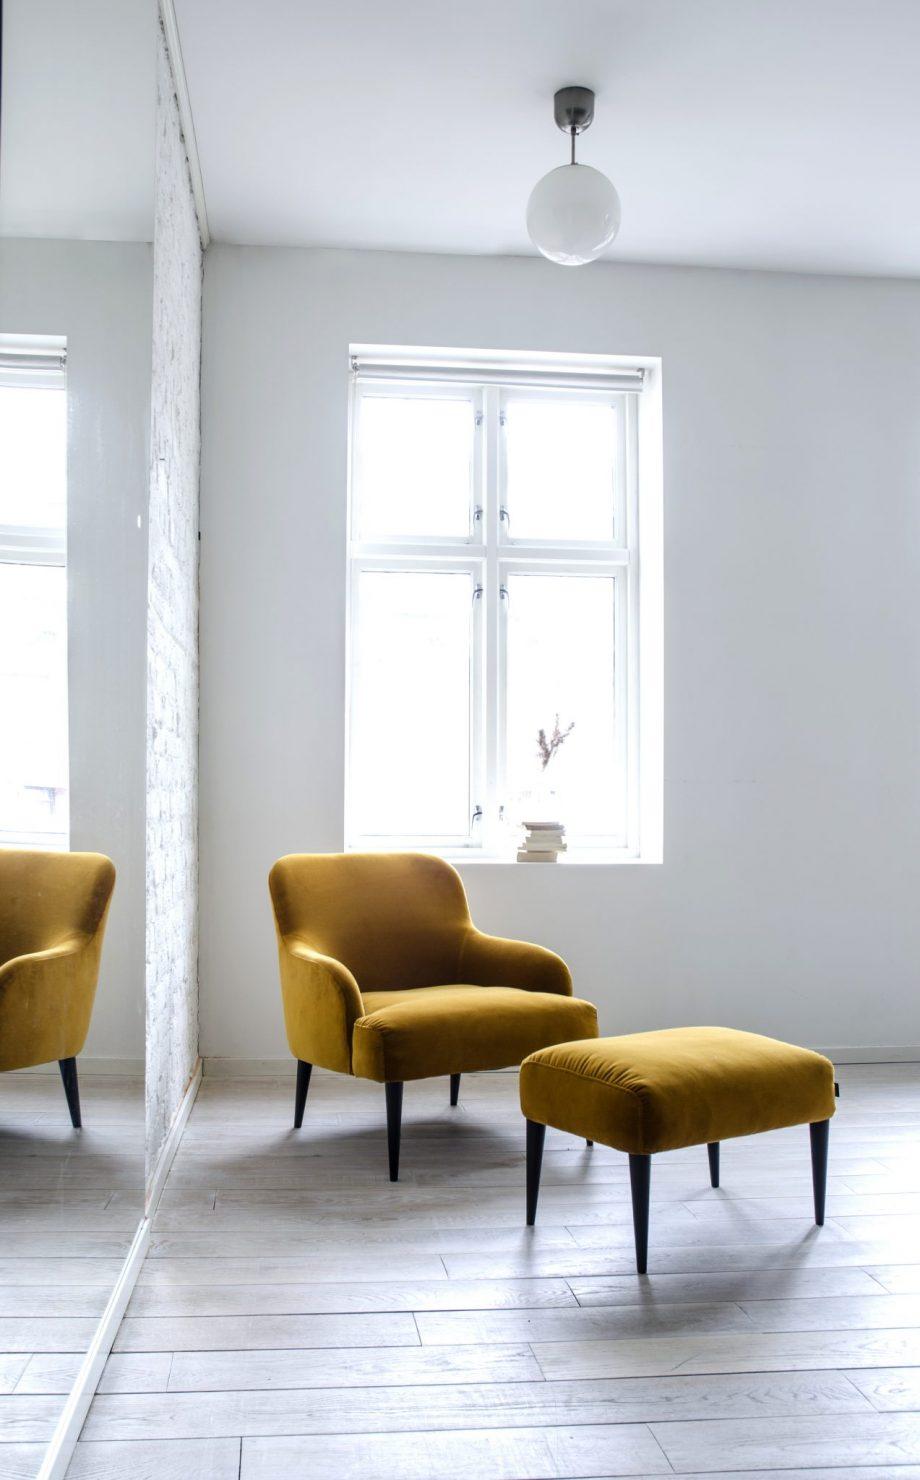 S Lounge Vika Ritz guld 03 920x1480 - Vika loungestol